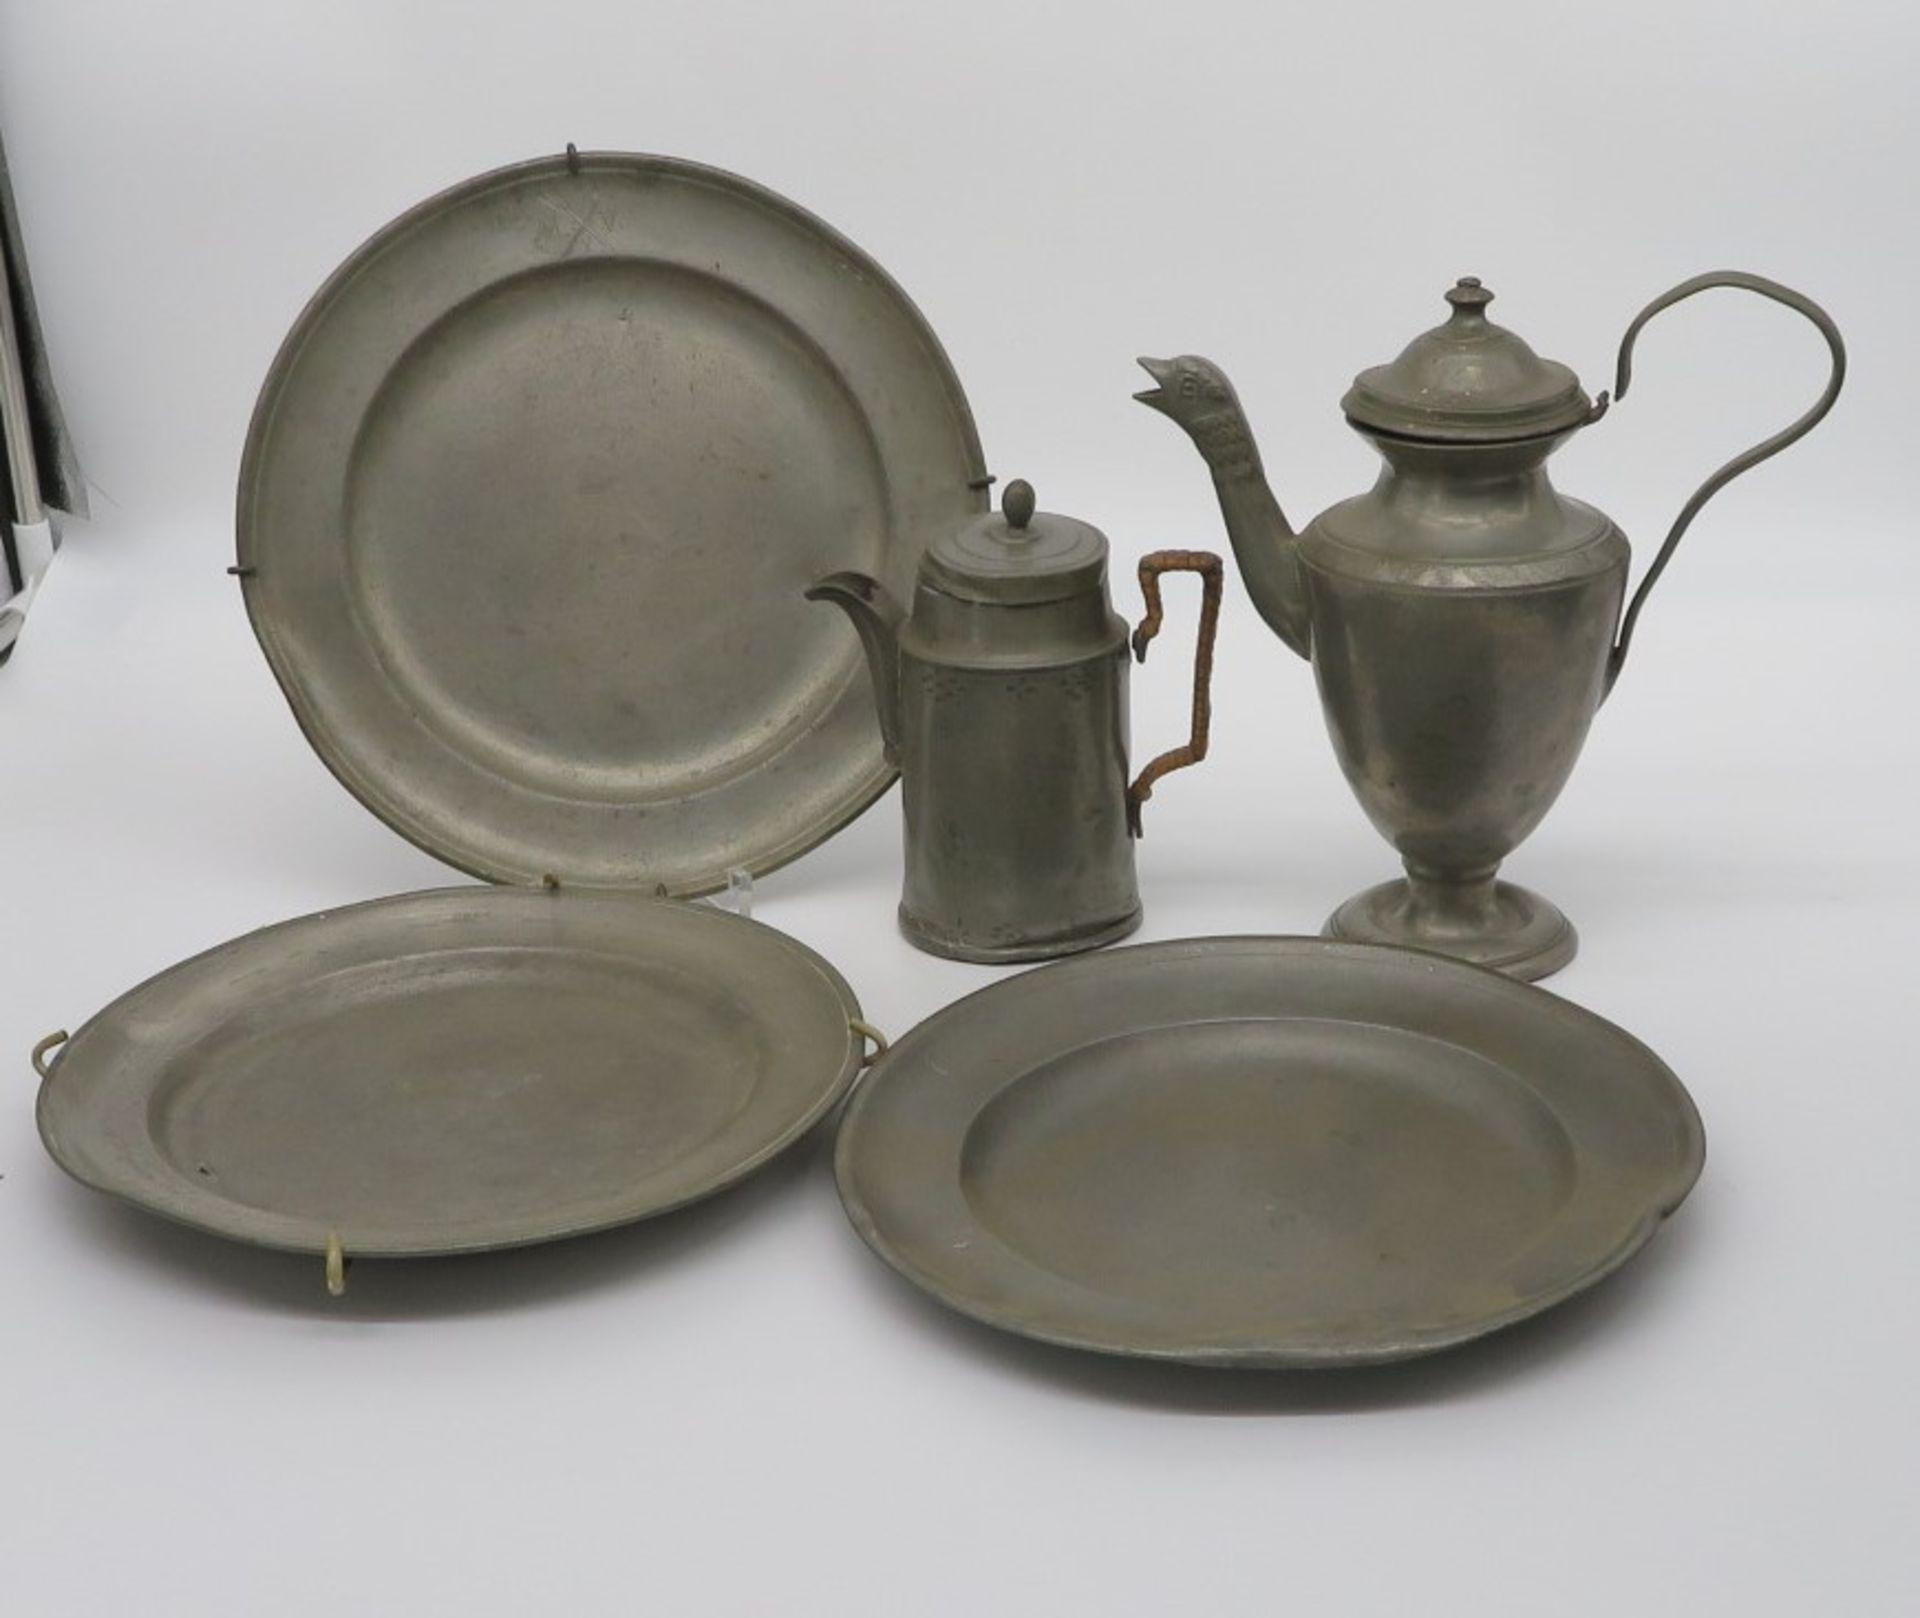 5 teiliges Konvolut antikes Zinn, 3 Teller und 2 Kannen, höchste h 21 cm.